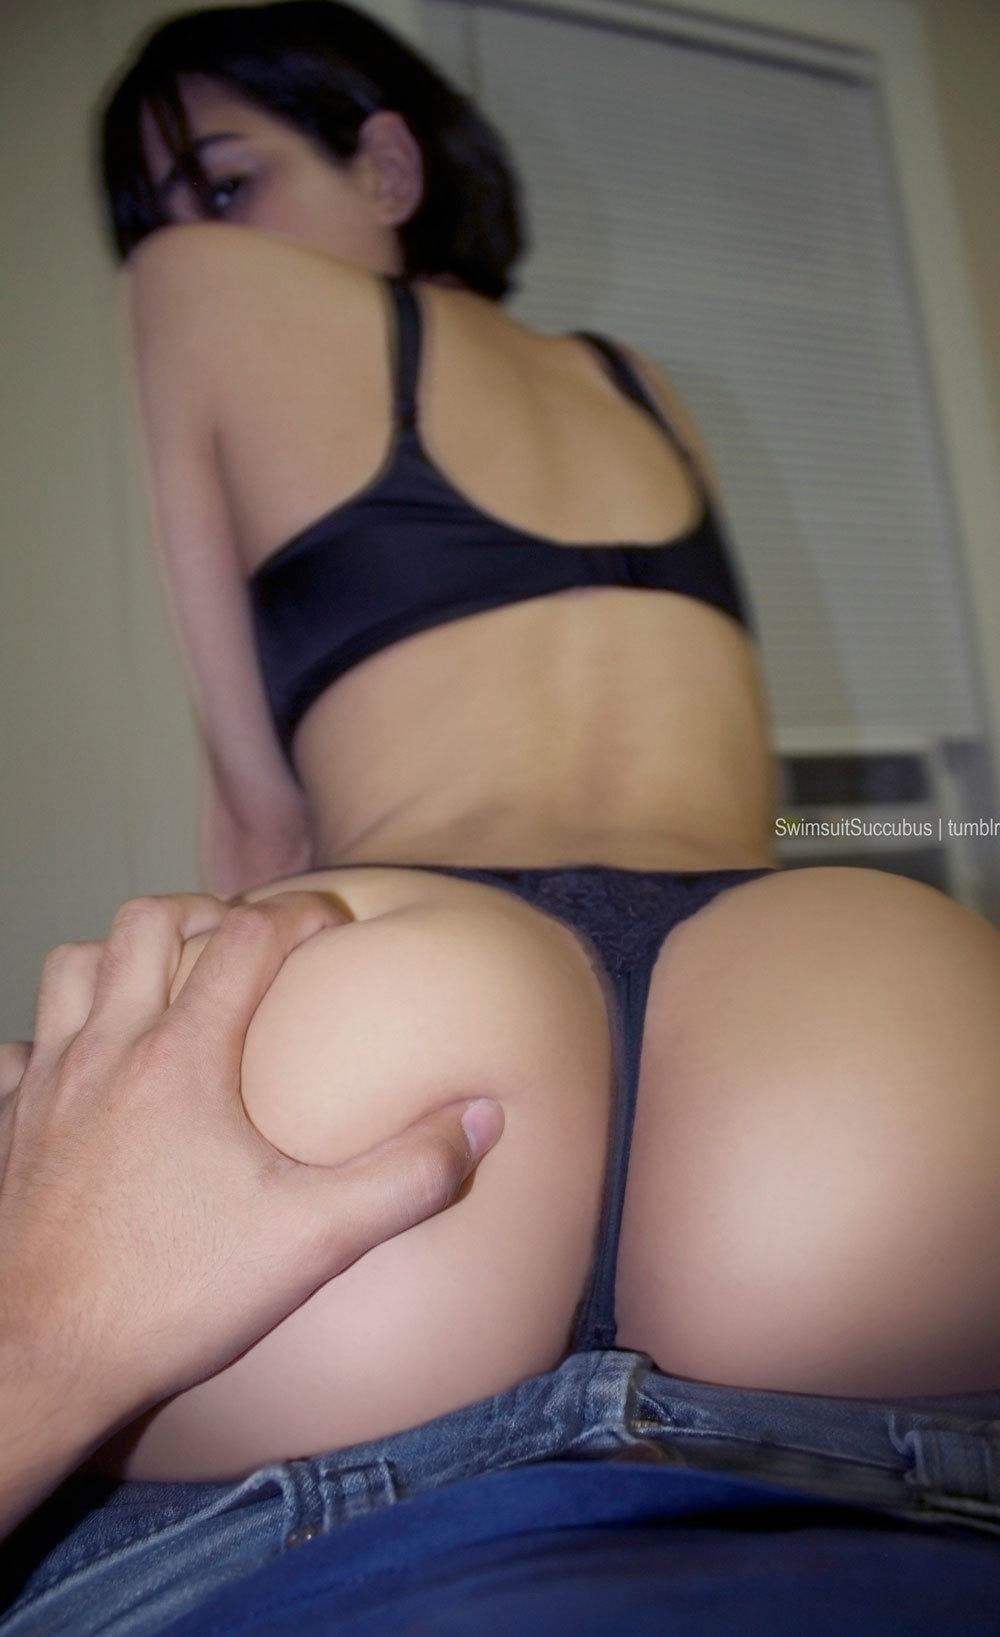 Cuckold Interracial Sex Video Best Porn Tubes Videos